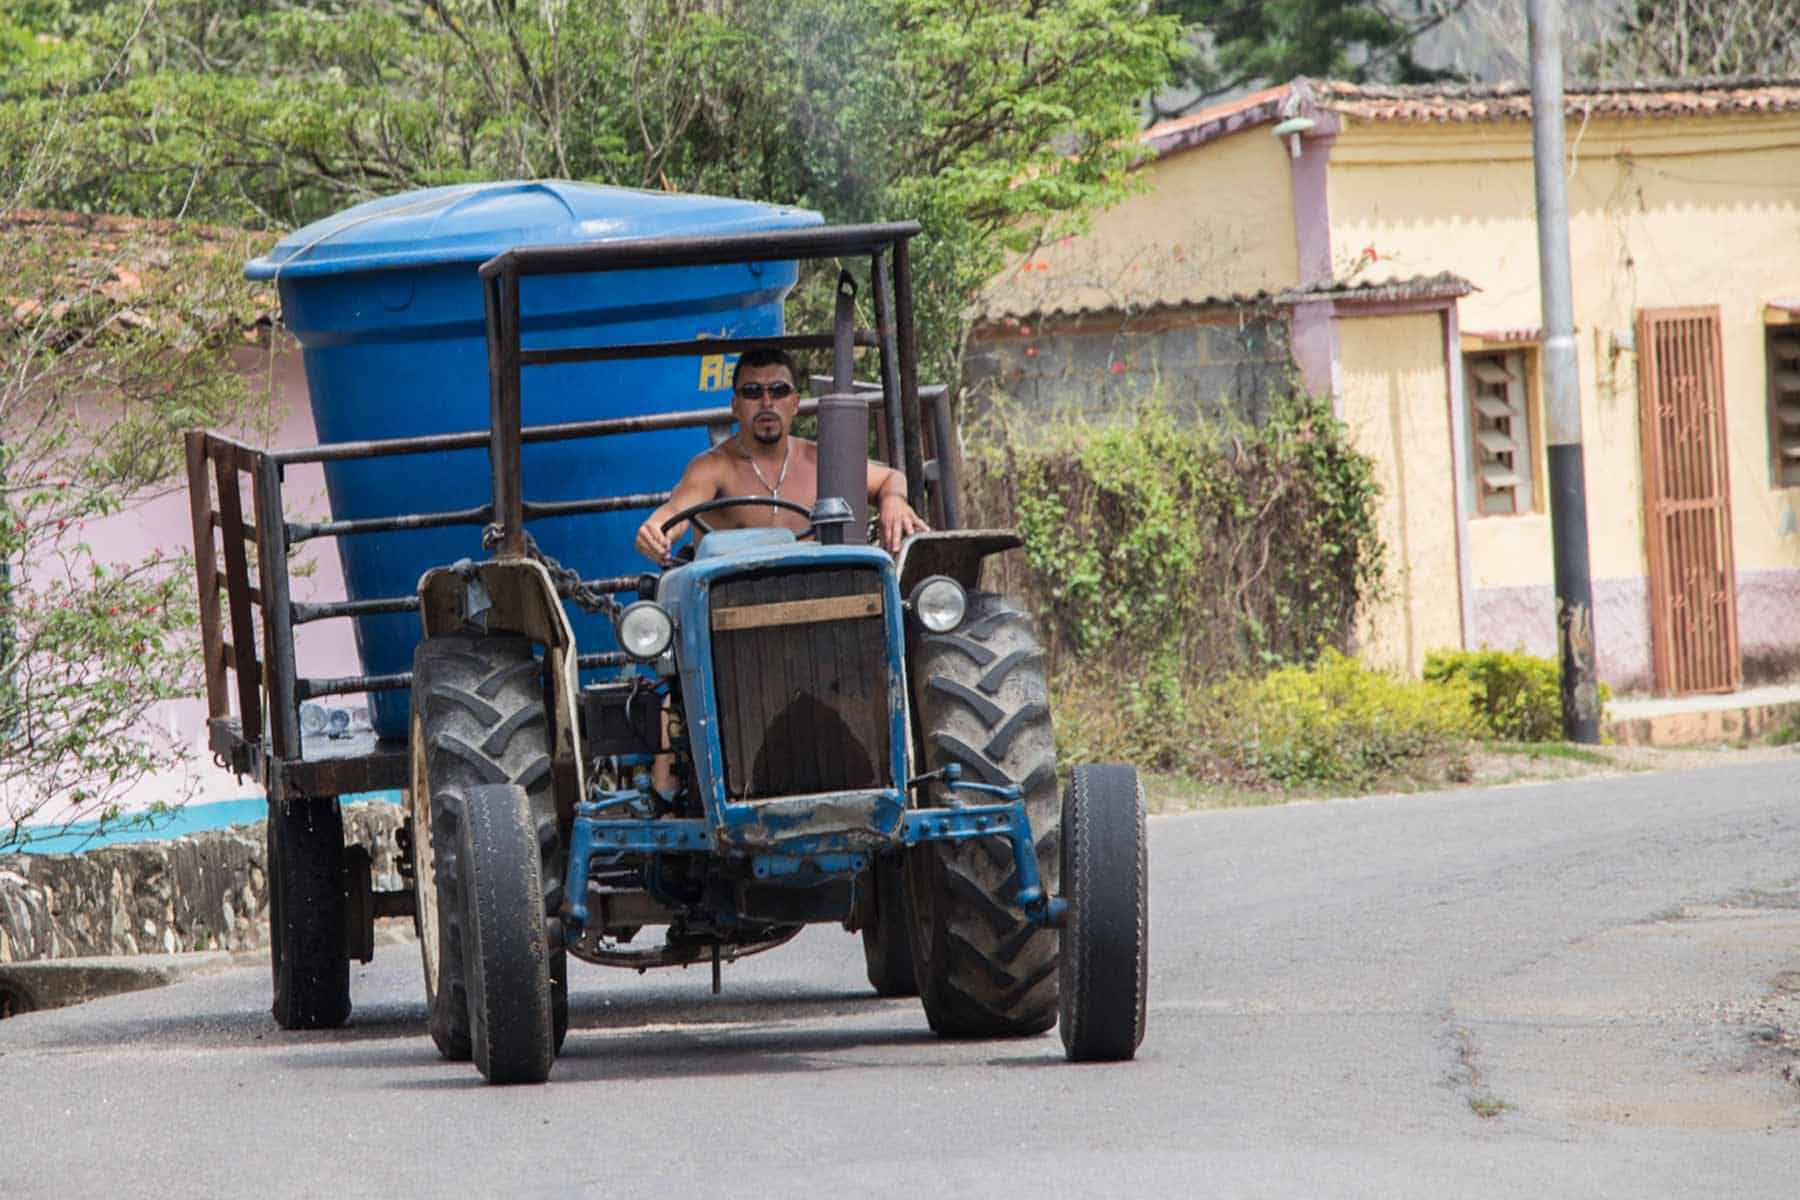 Con este tractor y el tanque lleno de agua le suministran el agua a algunas casas. Foto: Angeliana Escalona/Crónica Uno.